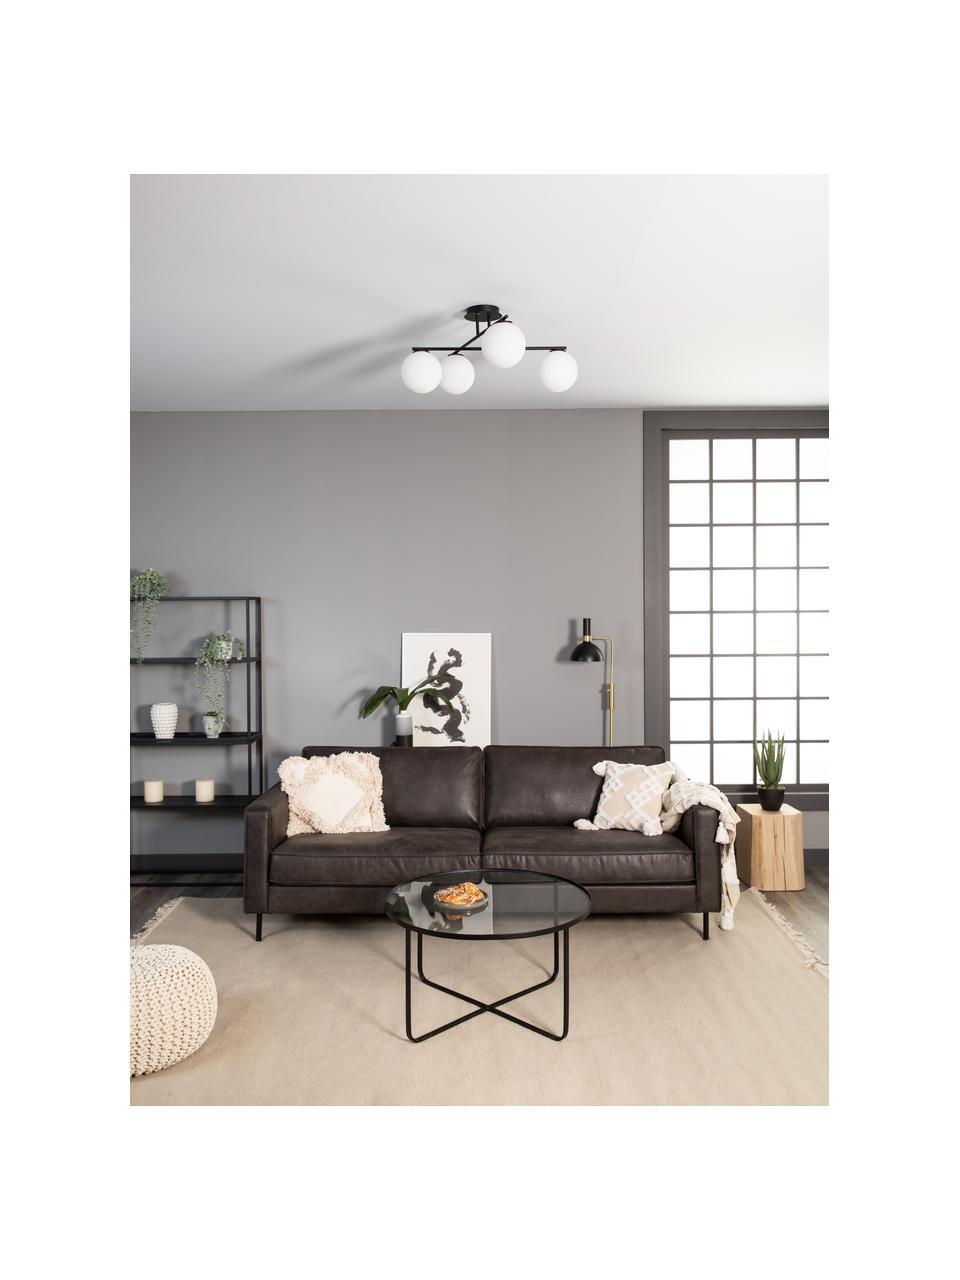 Sofa ze skóry z recyklingu Hunter (3-osobowa), Tapicerka: skóra z recyklingu (70% s, Nogi: tworzywo sztuczne, Szarobrązowy, S 219 x G 90 cm